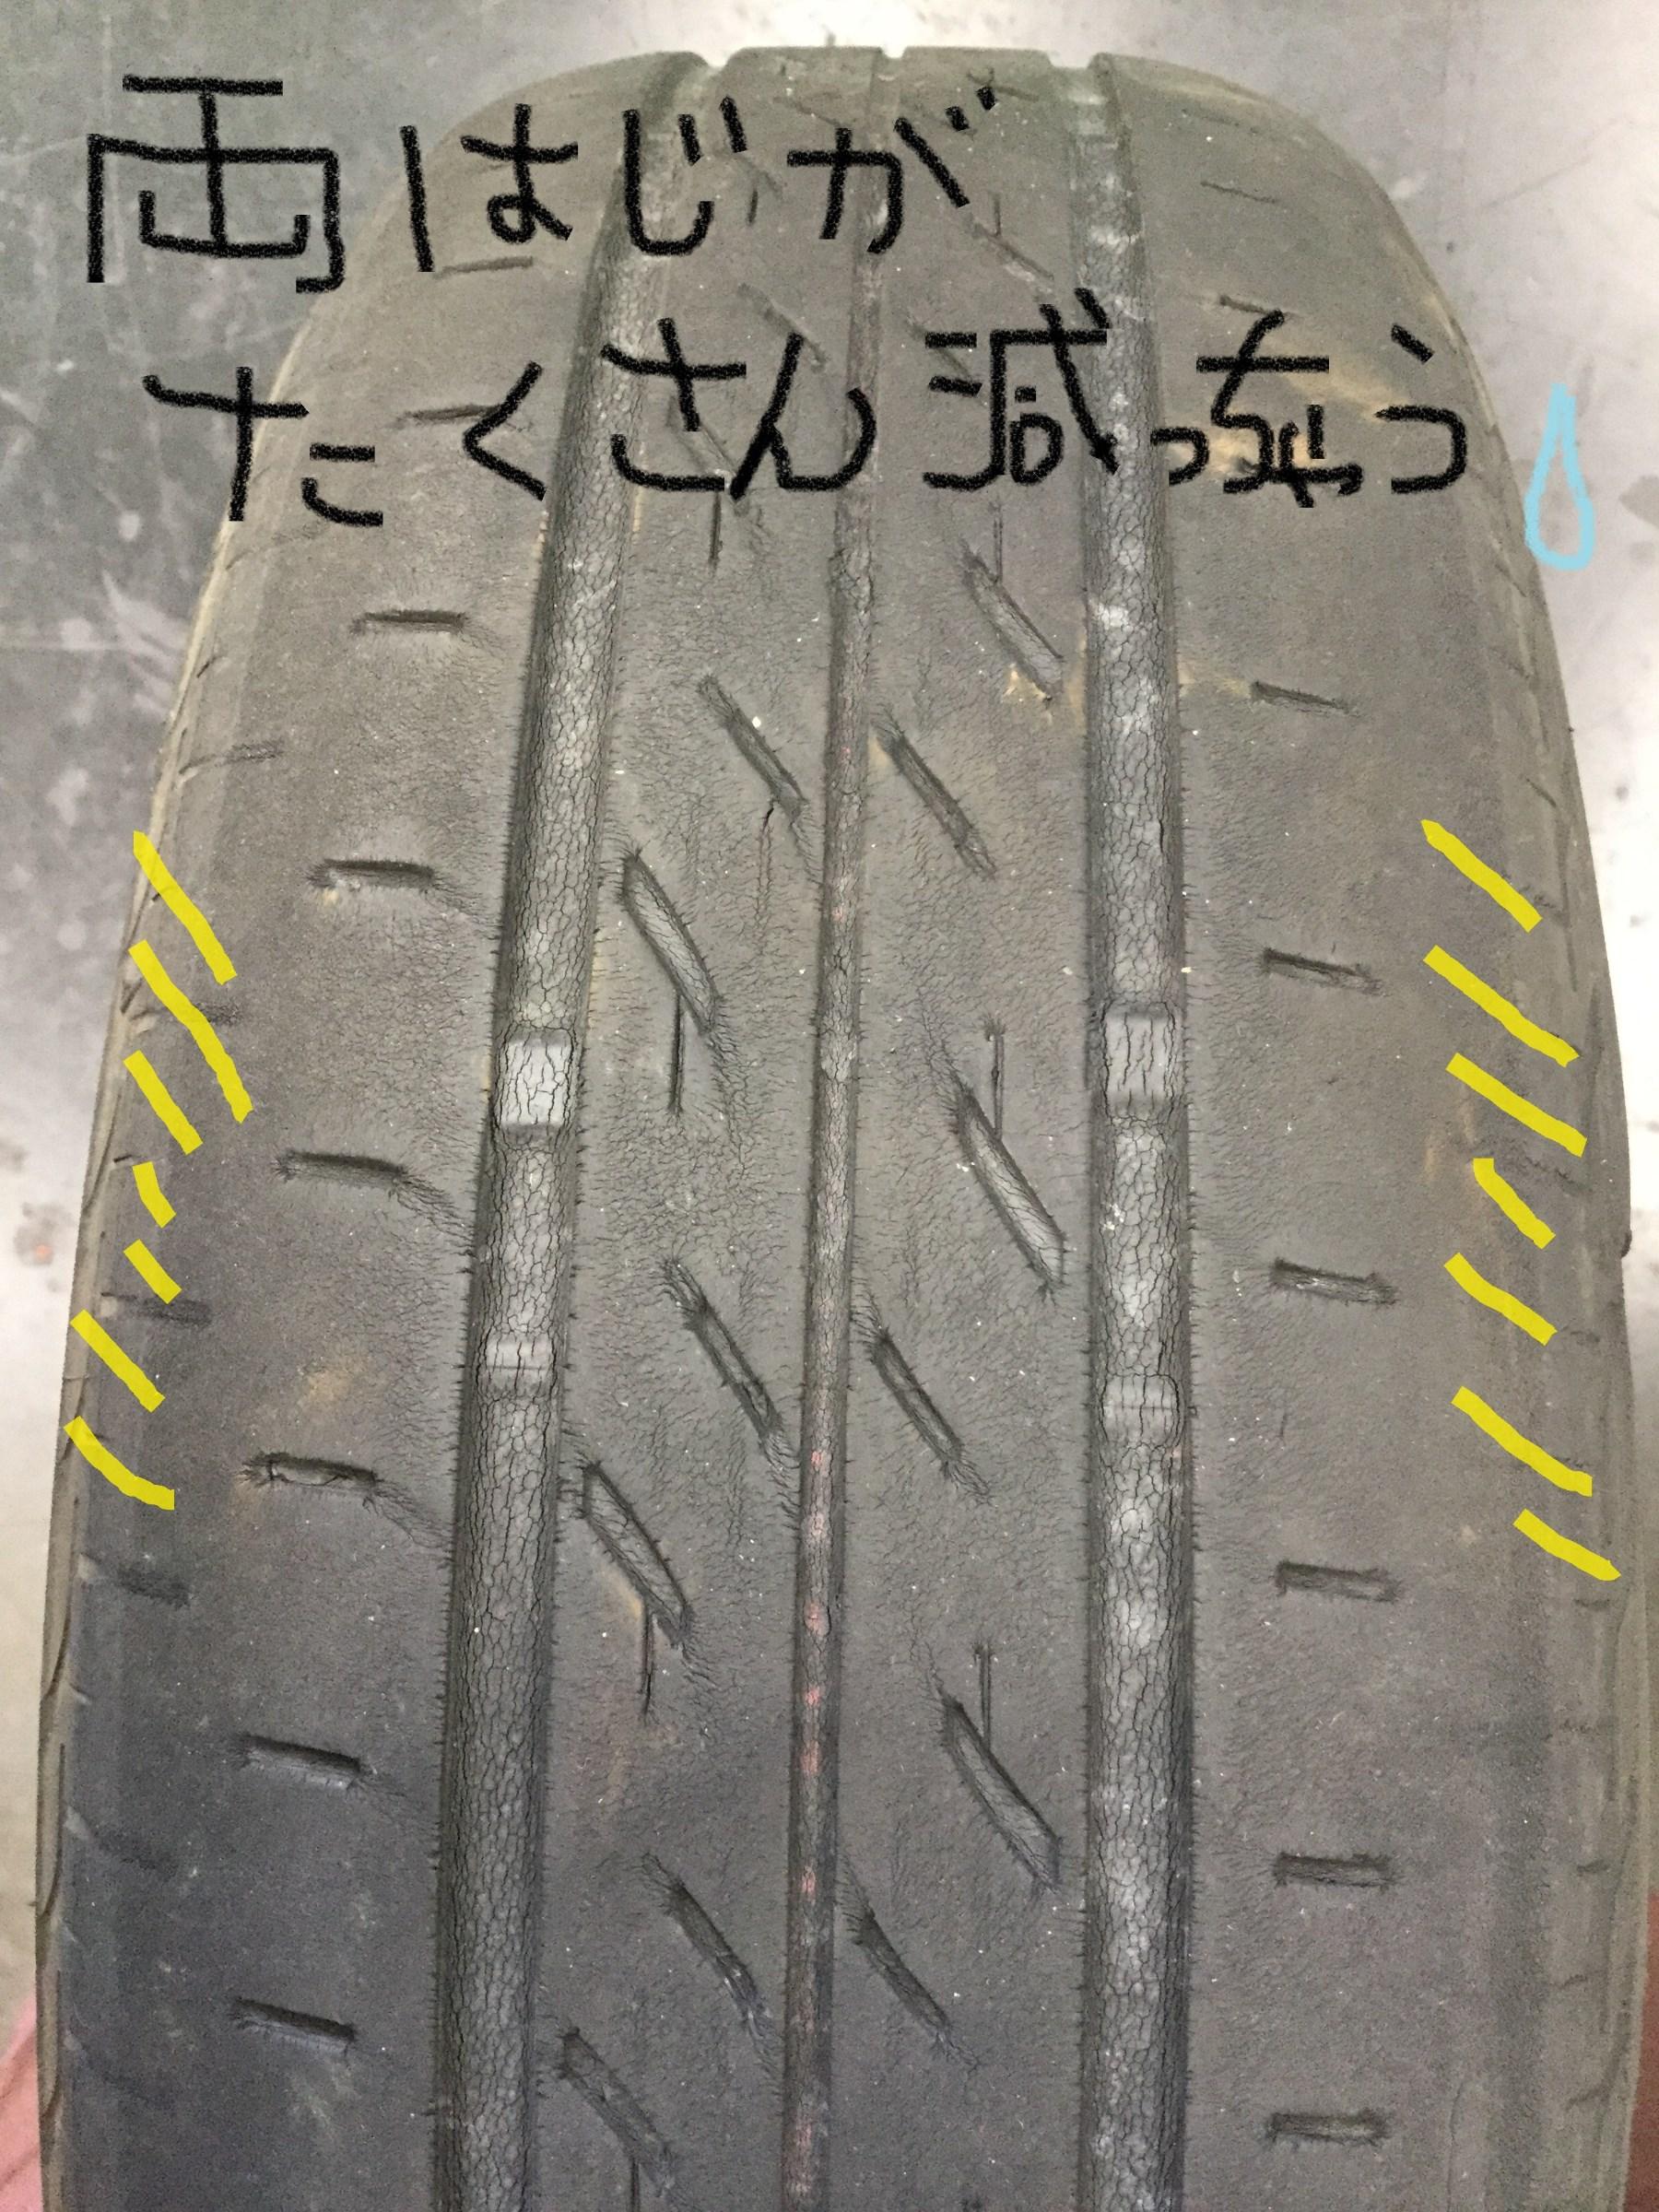 空気圧 頻度 タイヤ